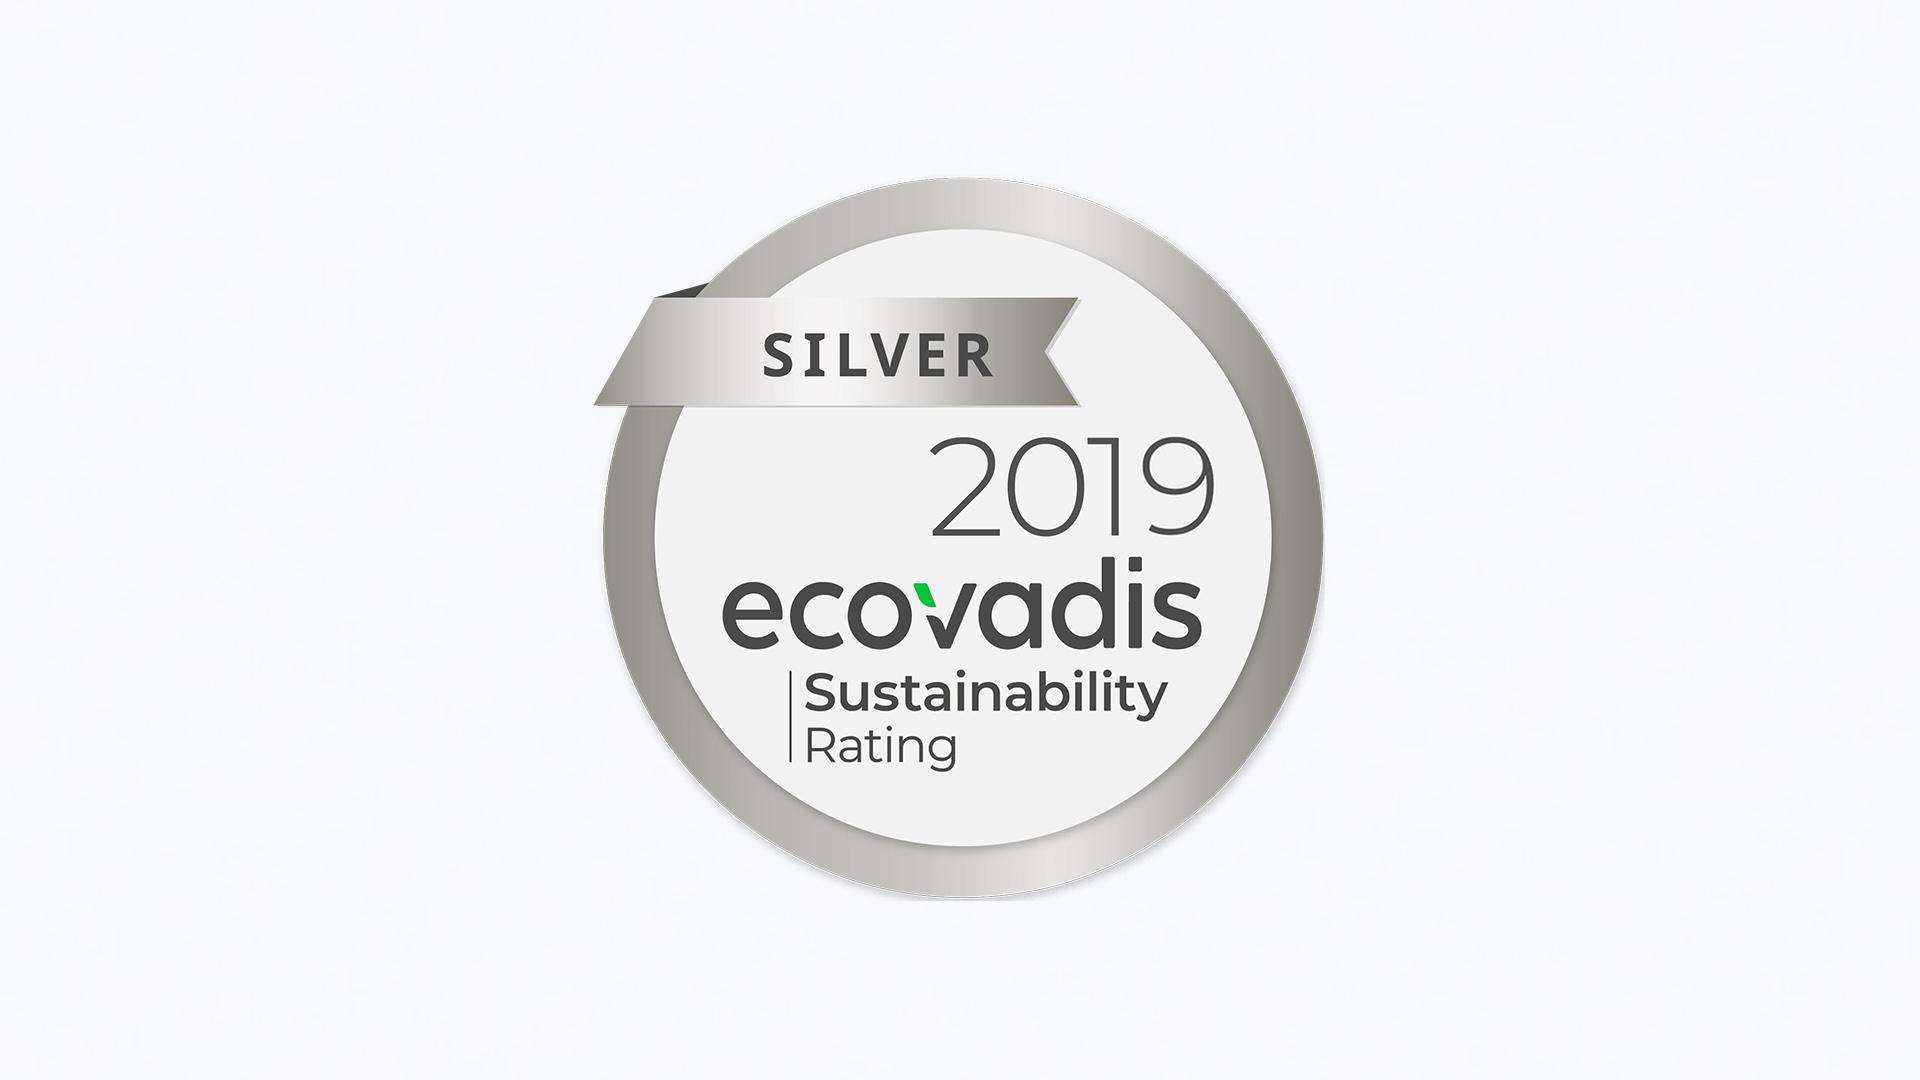 ecovadis silver award 2019